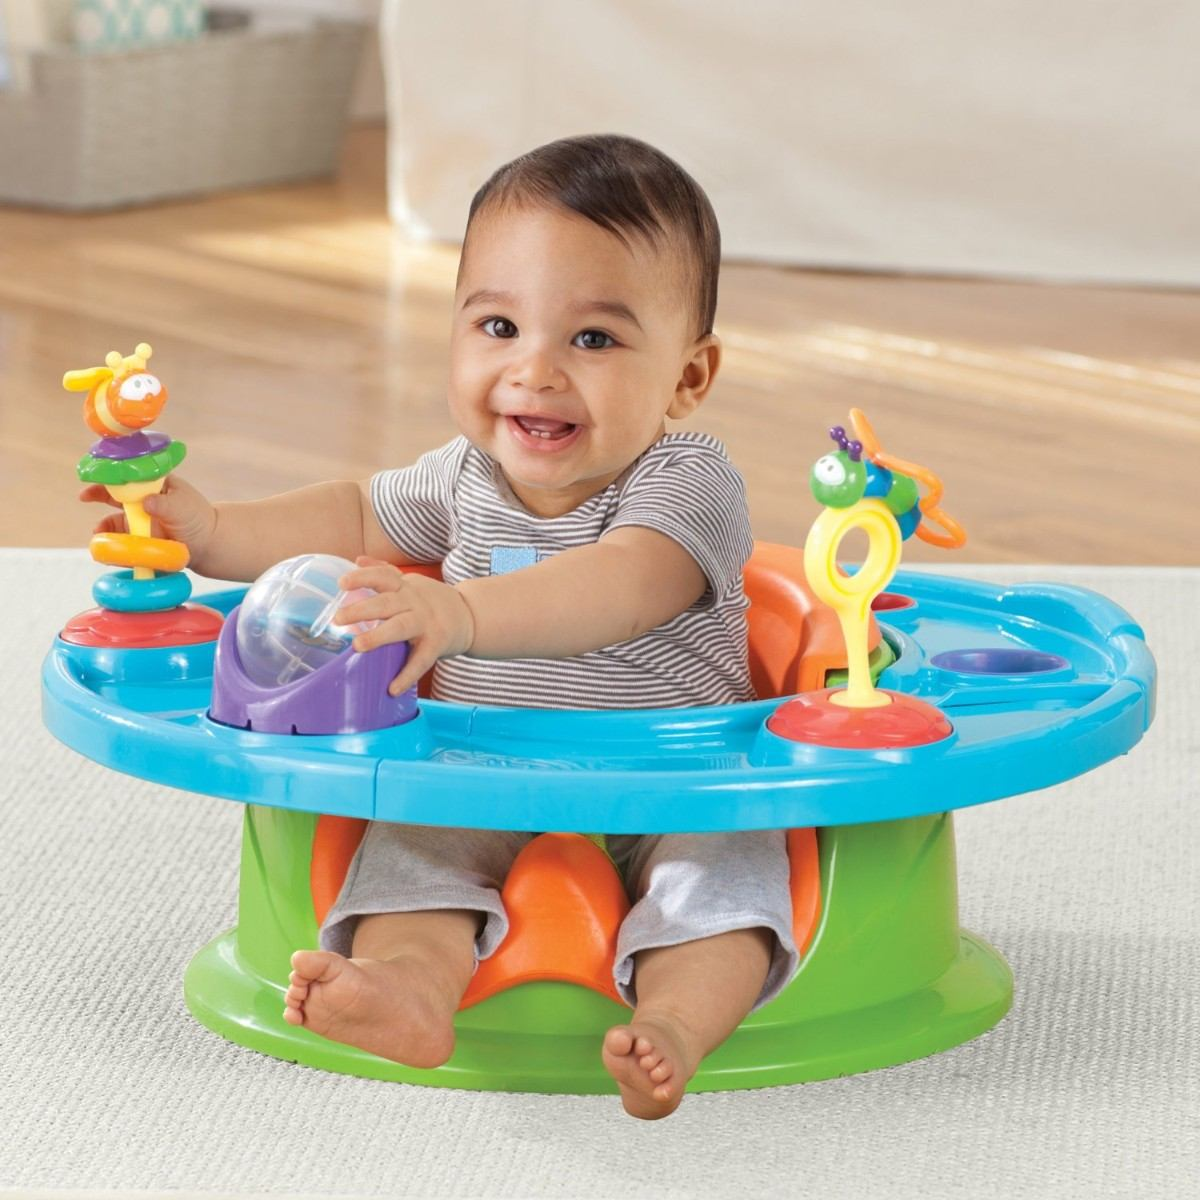 Silla estilo bumbo para beb 3 en 1 asiento juegos comida 1 en mercado libre - Silla de mesa para bebe ...